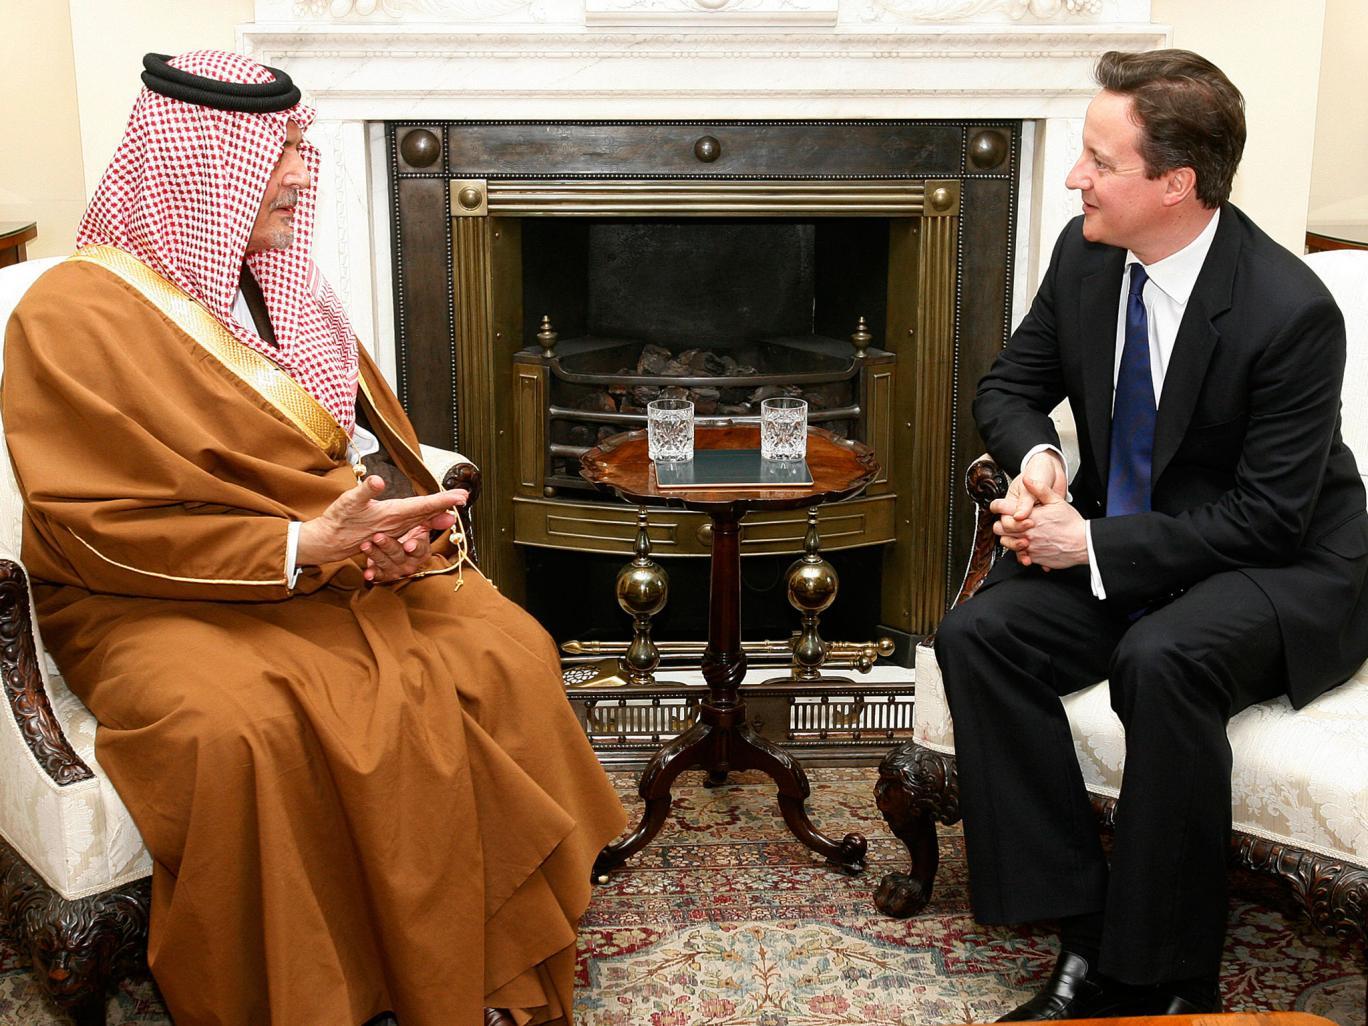 Cameron-and-Saudi-prince